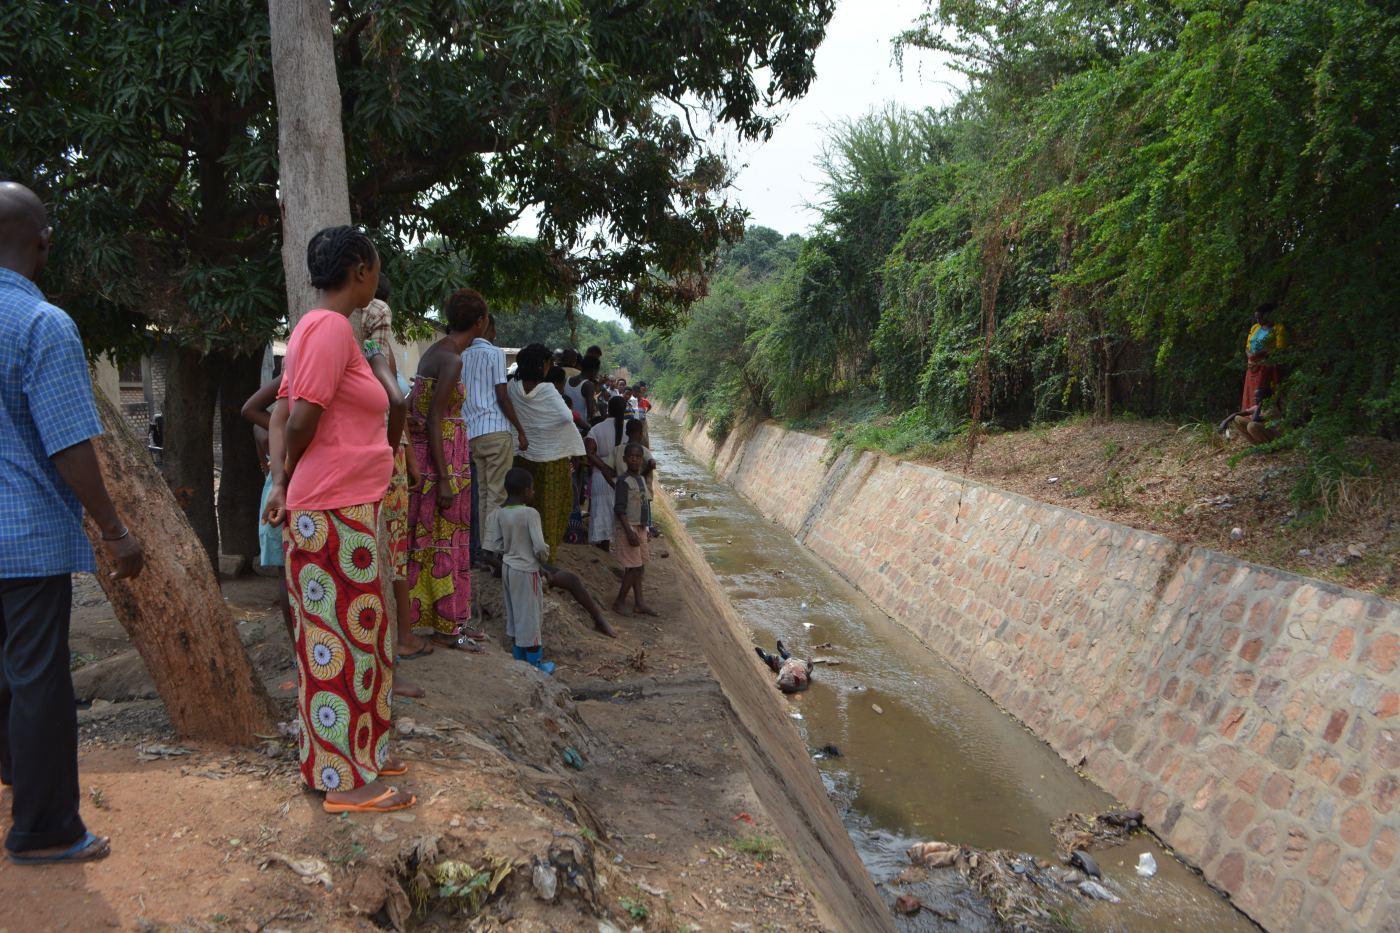 Le cadavre découvert ce 20 septembre dans la rivière Nyabagere, 16ème avenue.